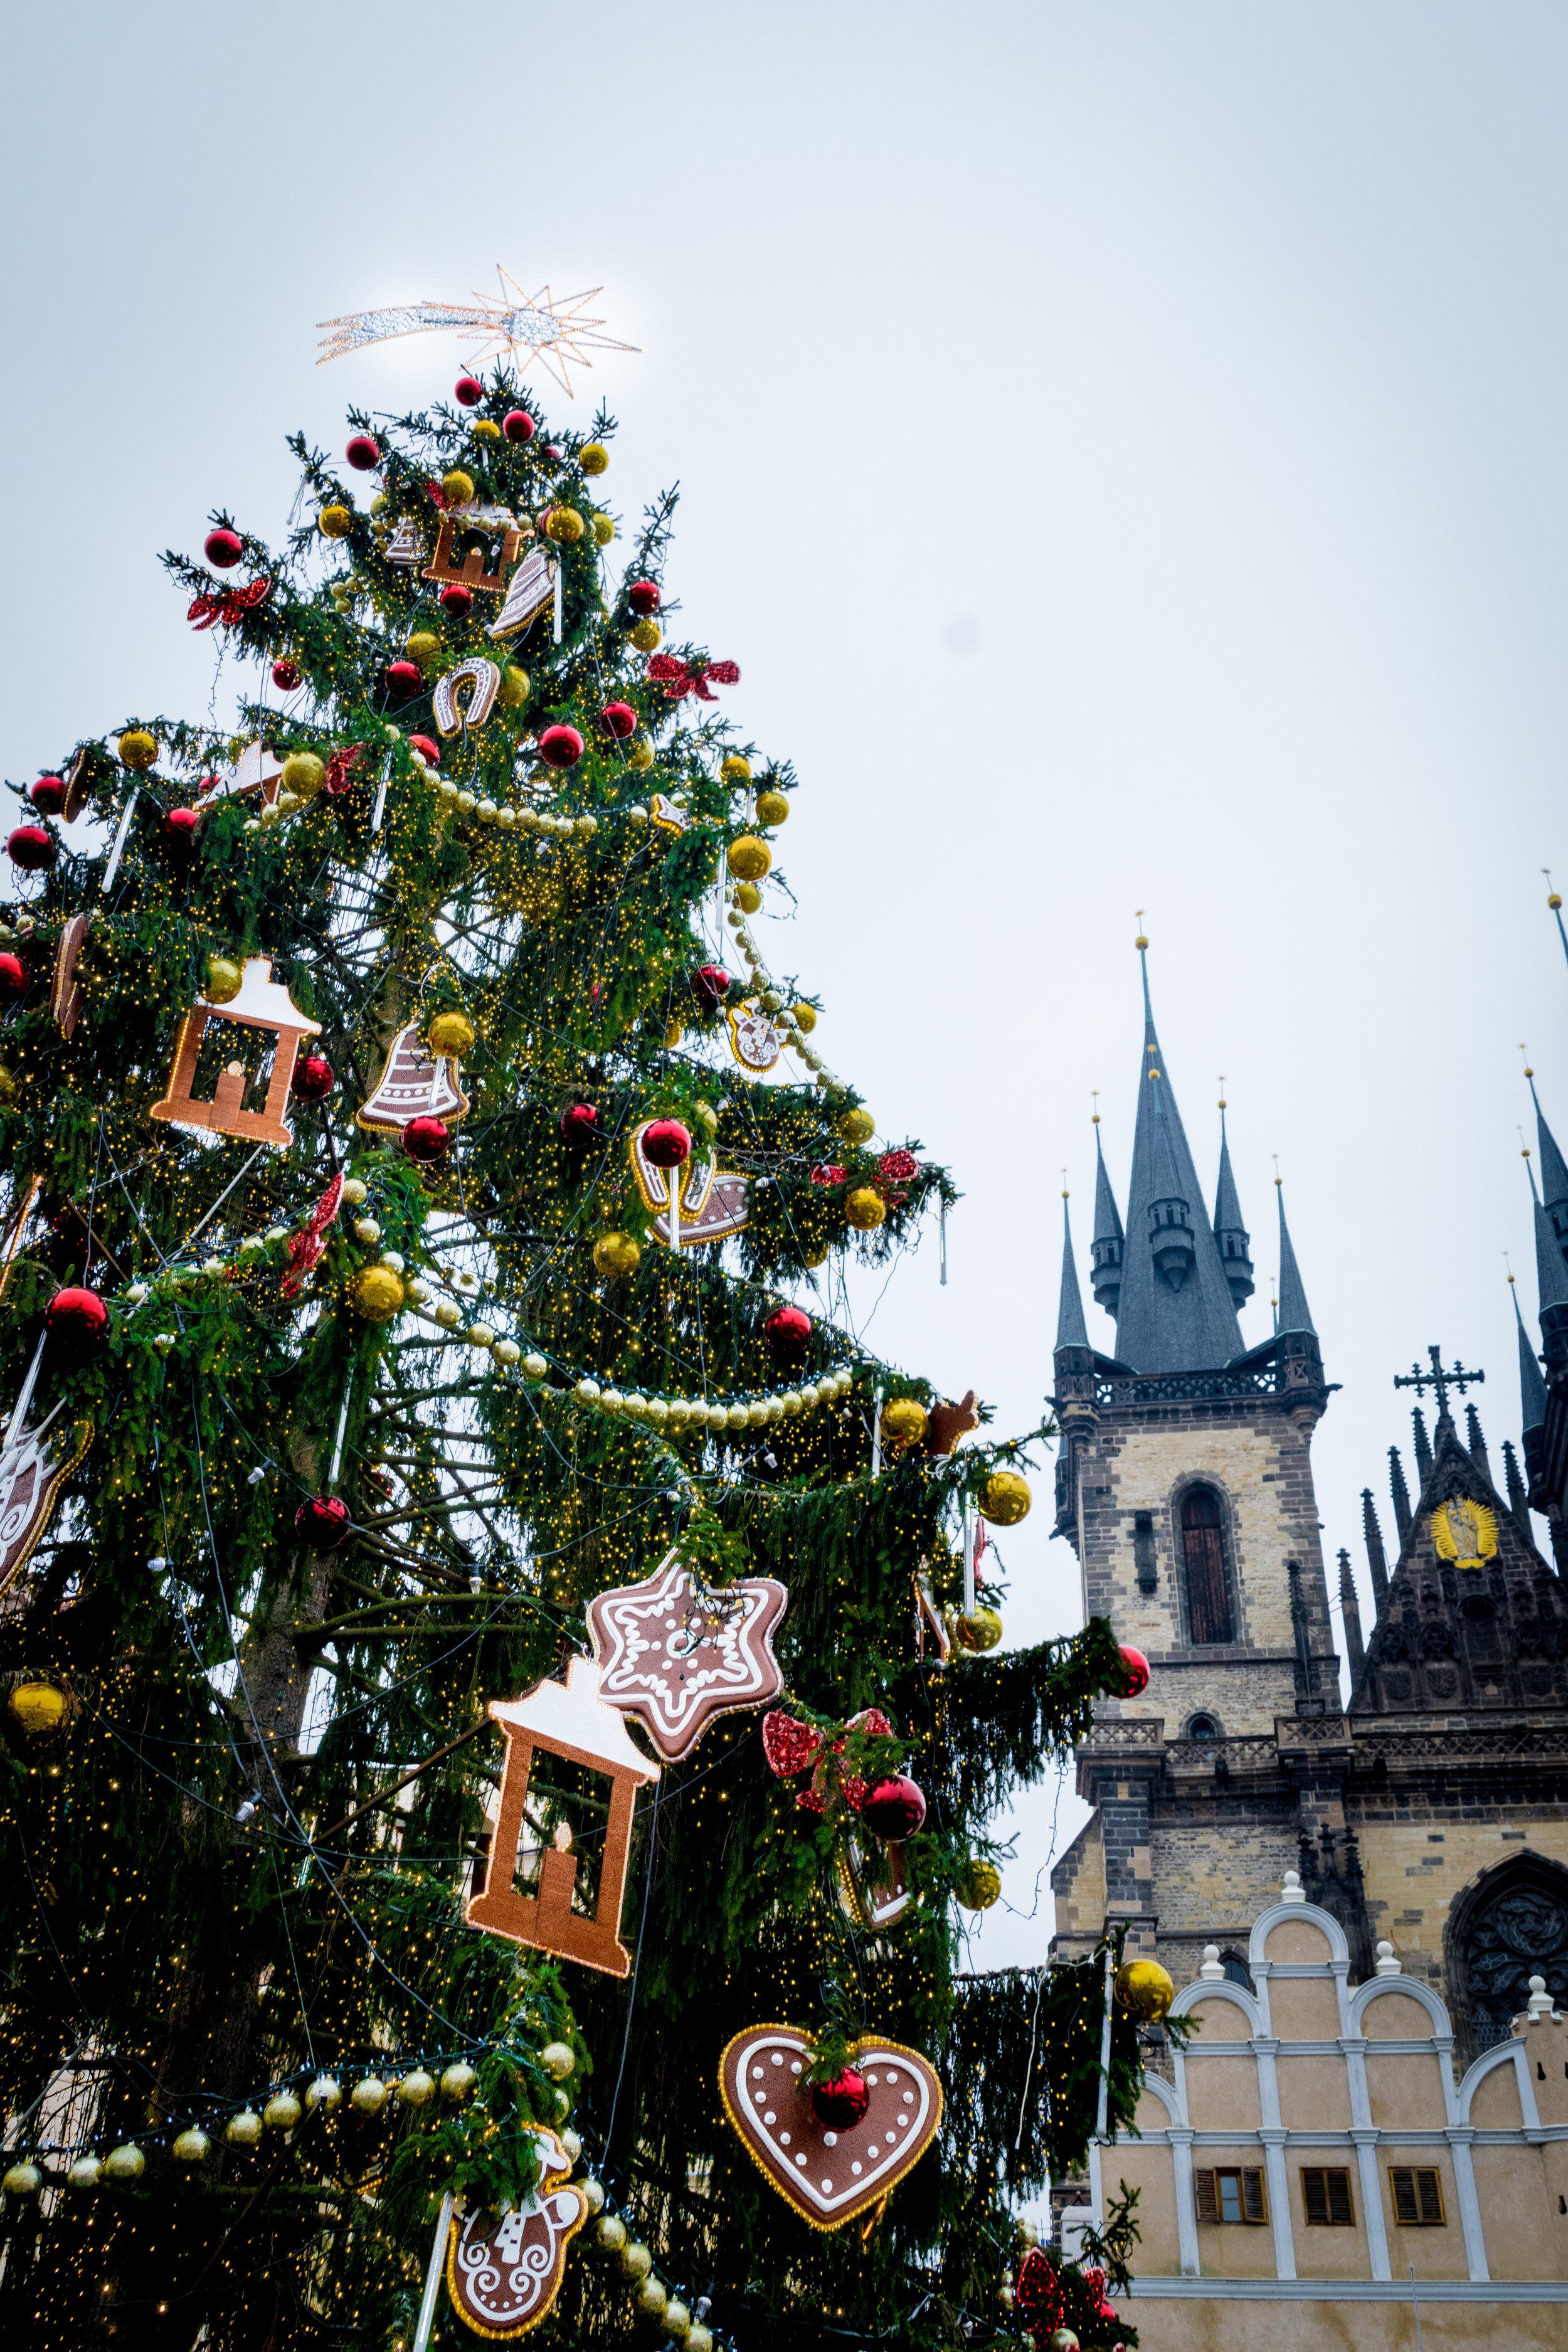 at Old Town Square (Staroměstské náměstí)